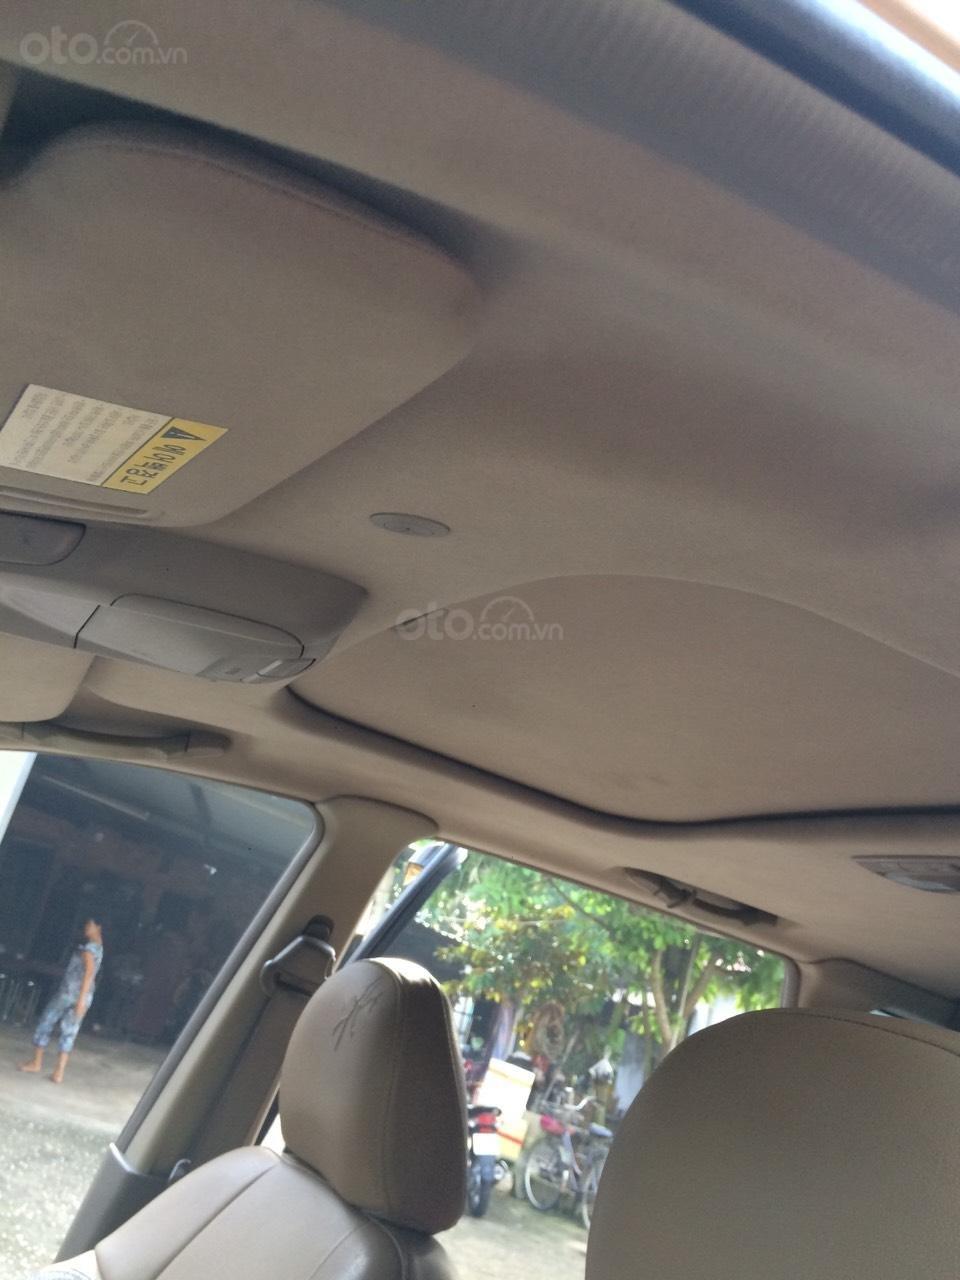 Bán Hyundai Santa Fe sản xuất năm 2003, màu nâu, nhập khẩu nguyên chiếc, giá 250tr (7)